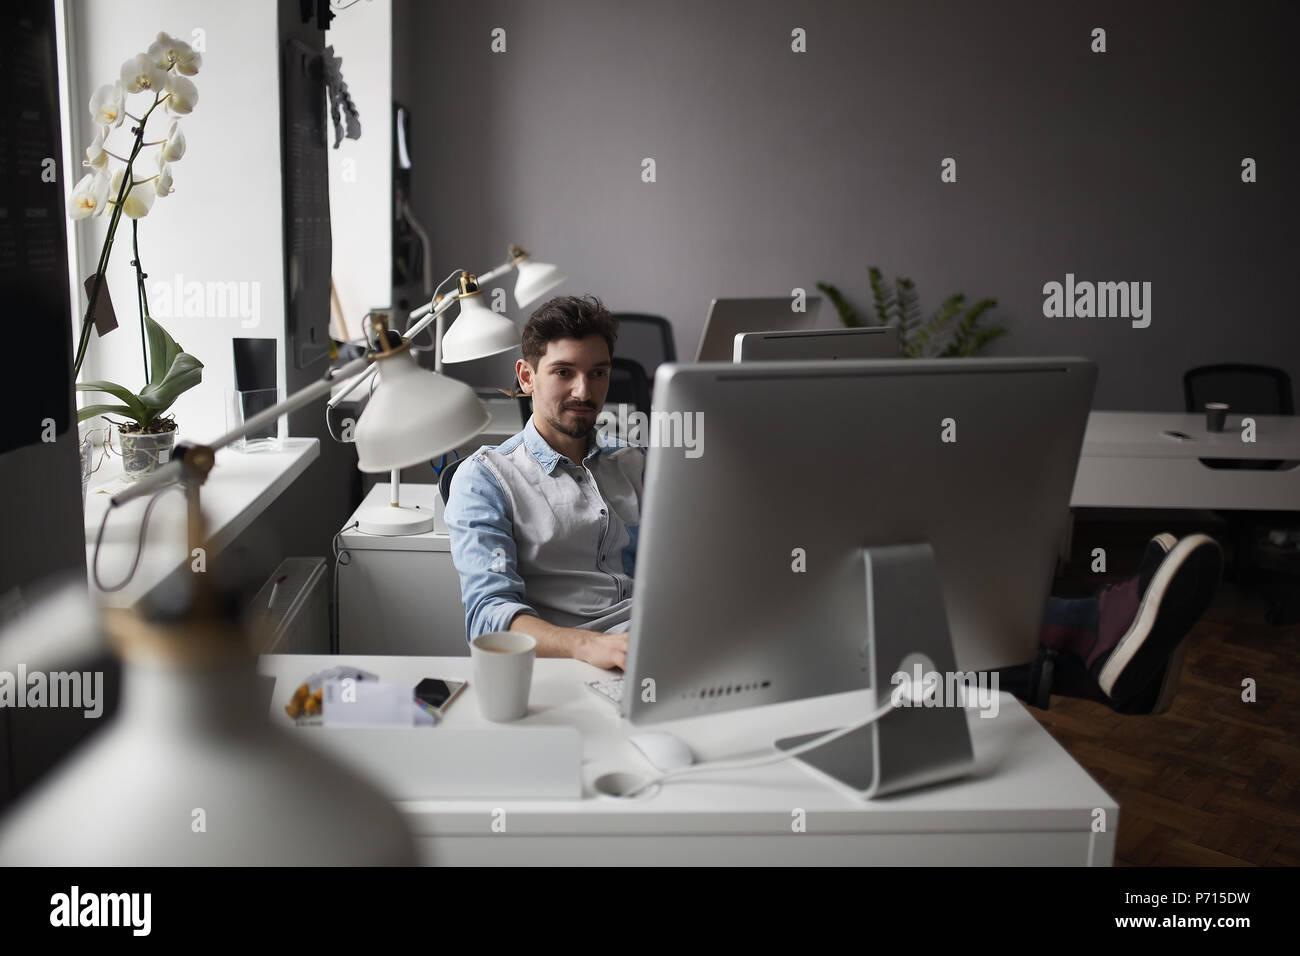 Joven Hombre Barbado inteligente trabajando en loft moderno studio-ofi Imagen De Stock